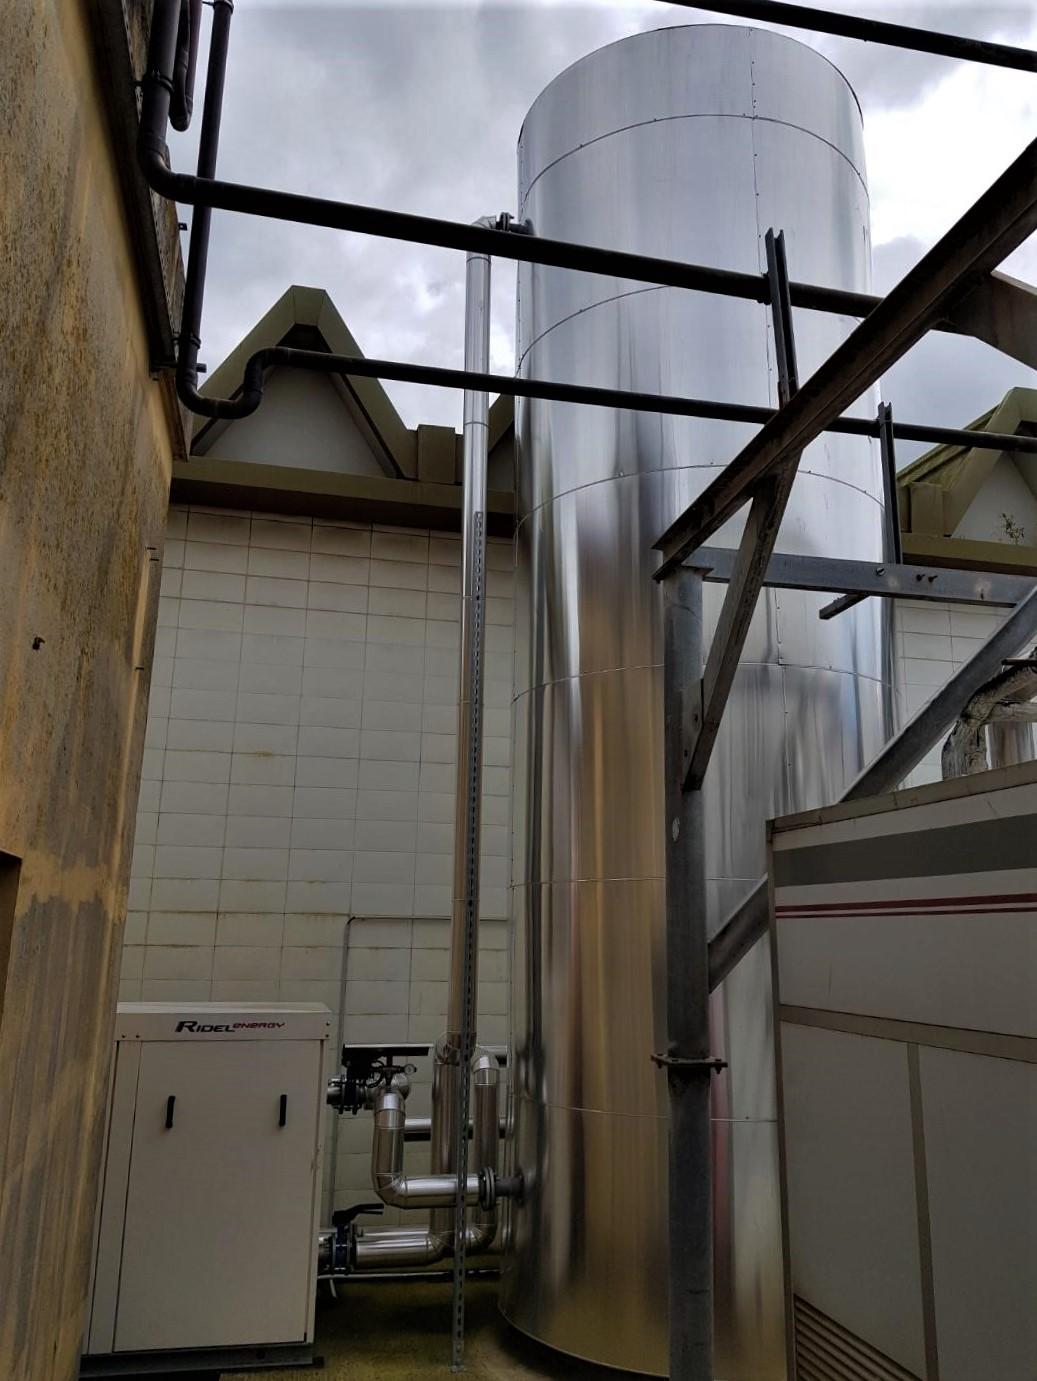 Récupération de chaleur sur installation frigorifique